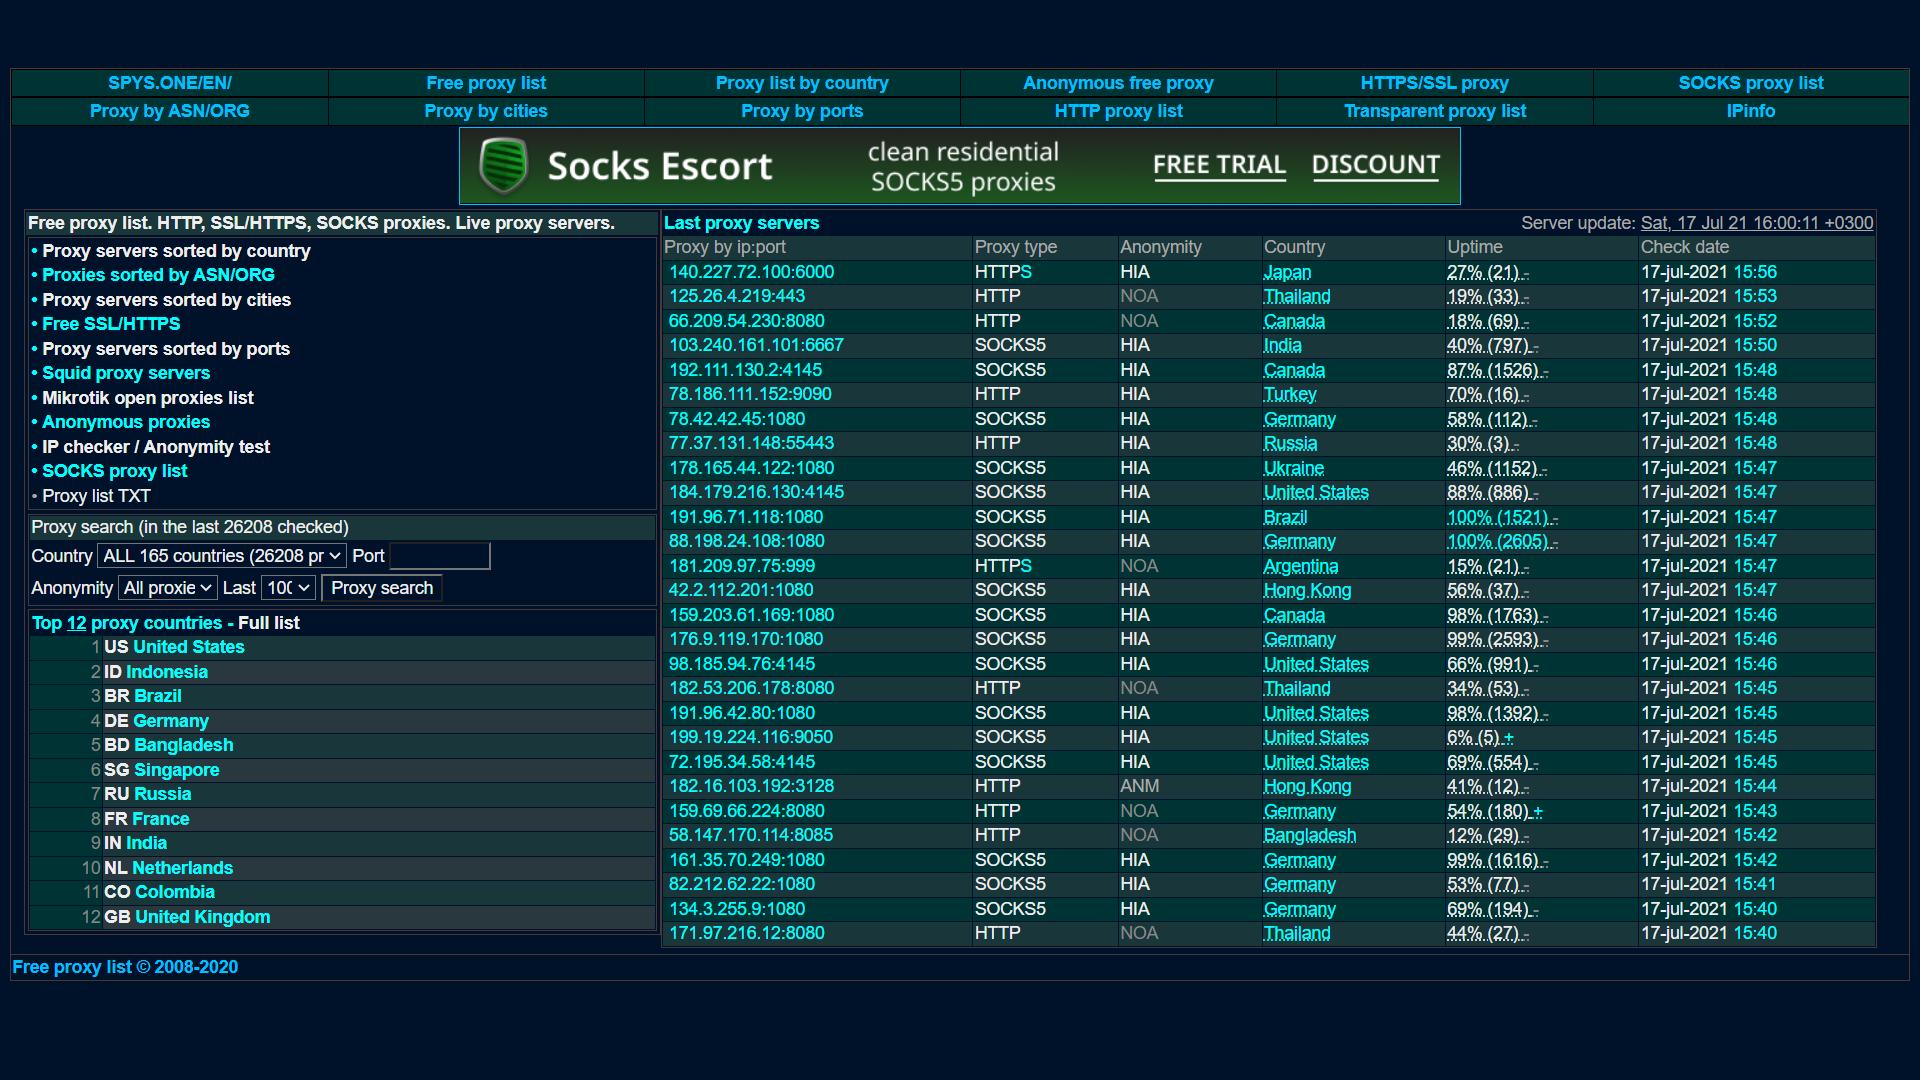 Auf spys.one finden Sie Proxy-Server - damit im Internet eine falsche Adresse vortäuschen